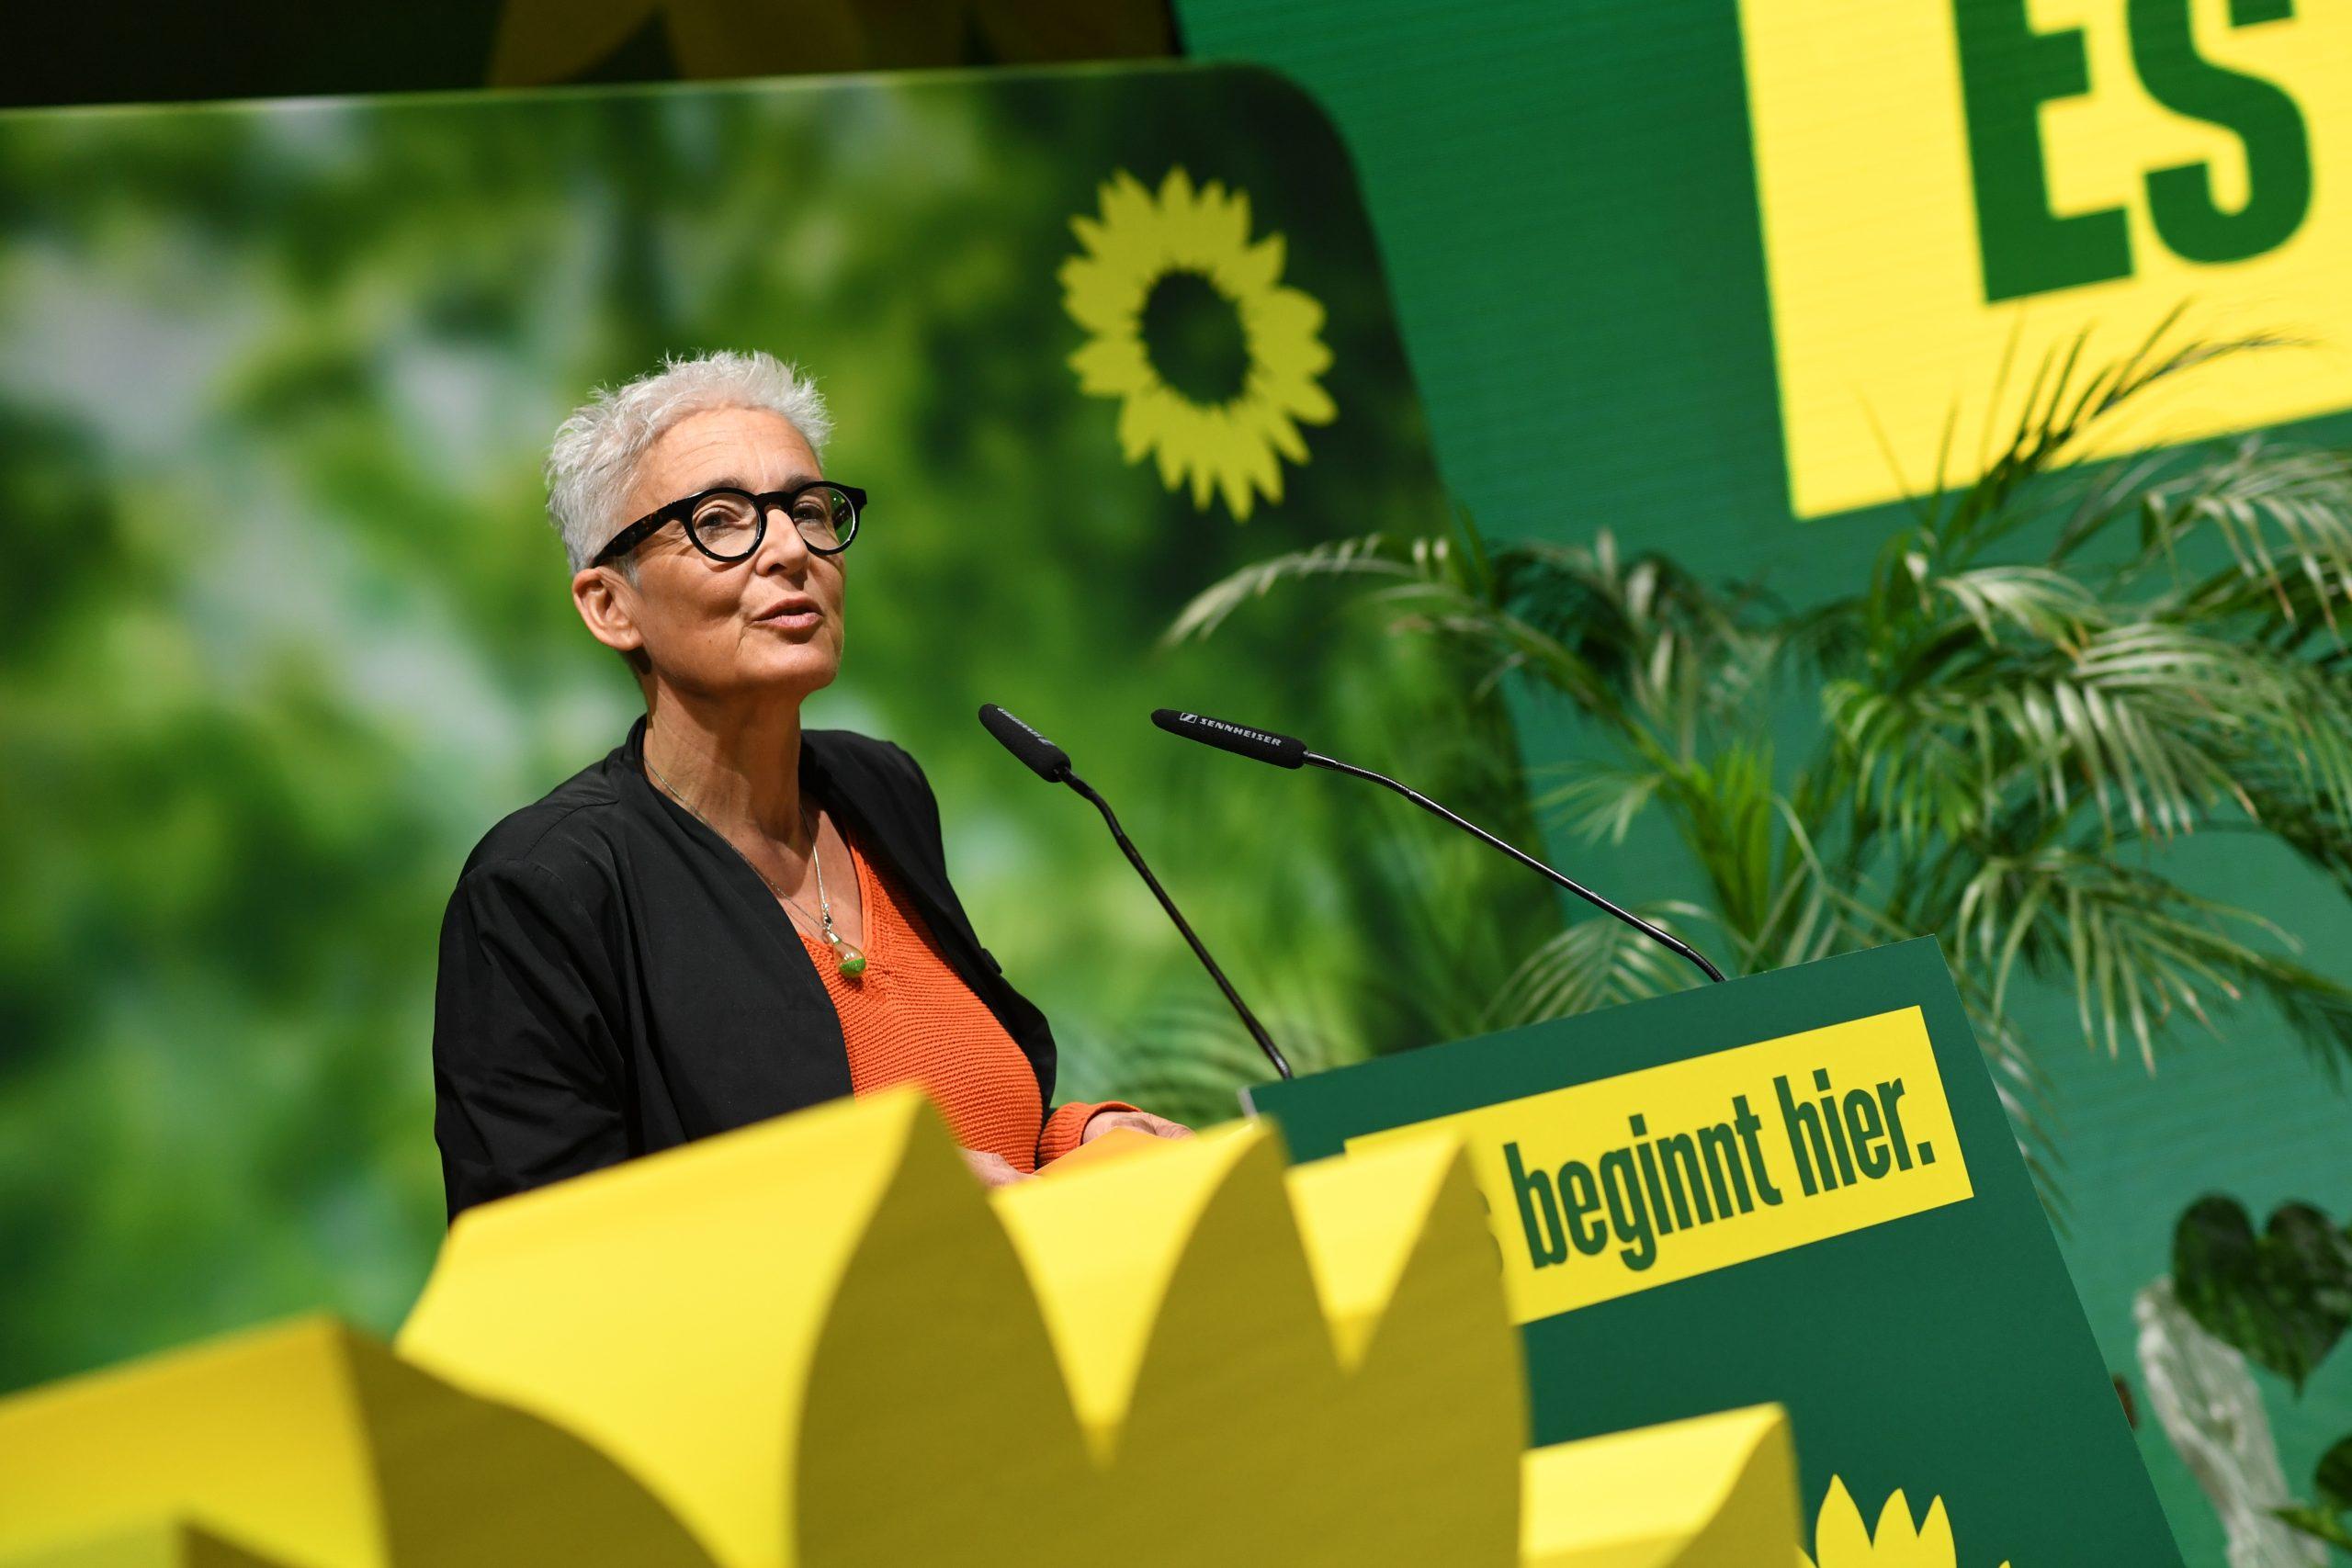 Landesliste der Bayerischen Grünen gewählt